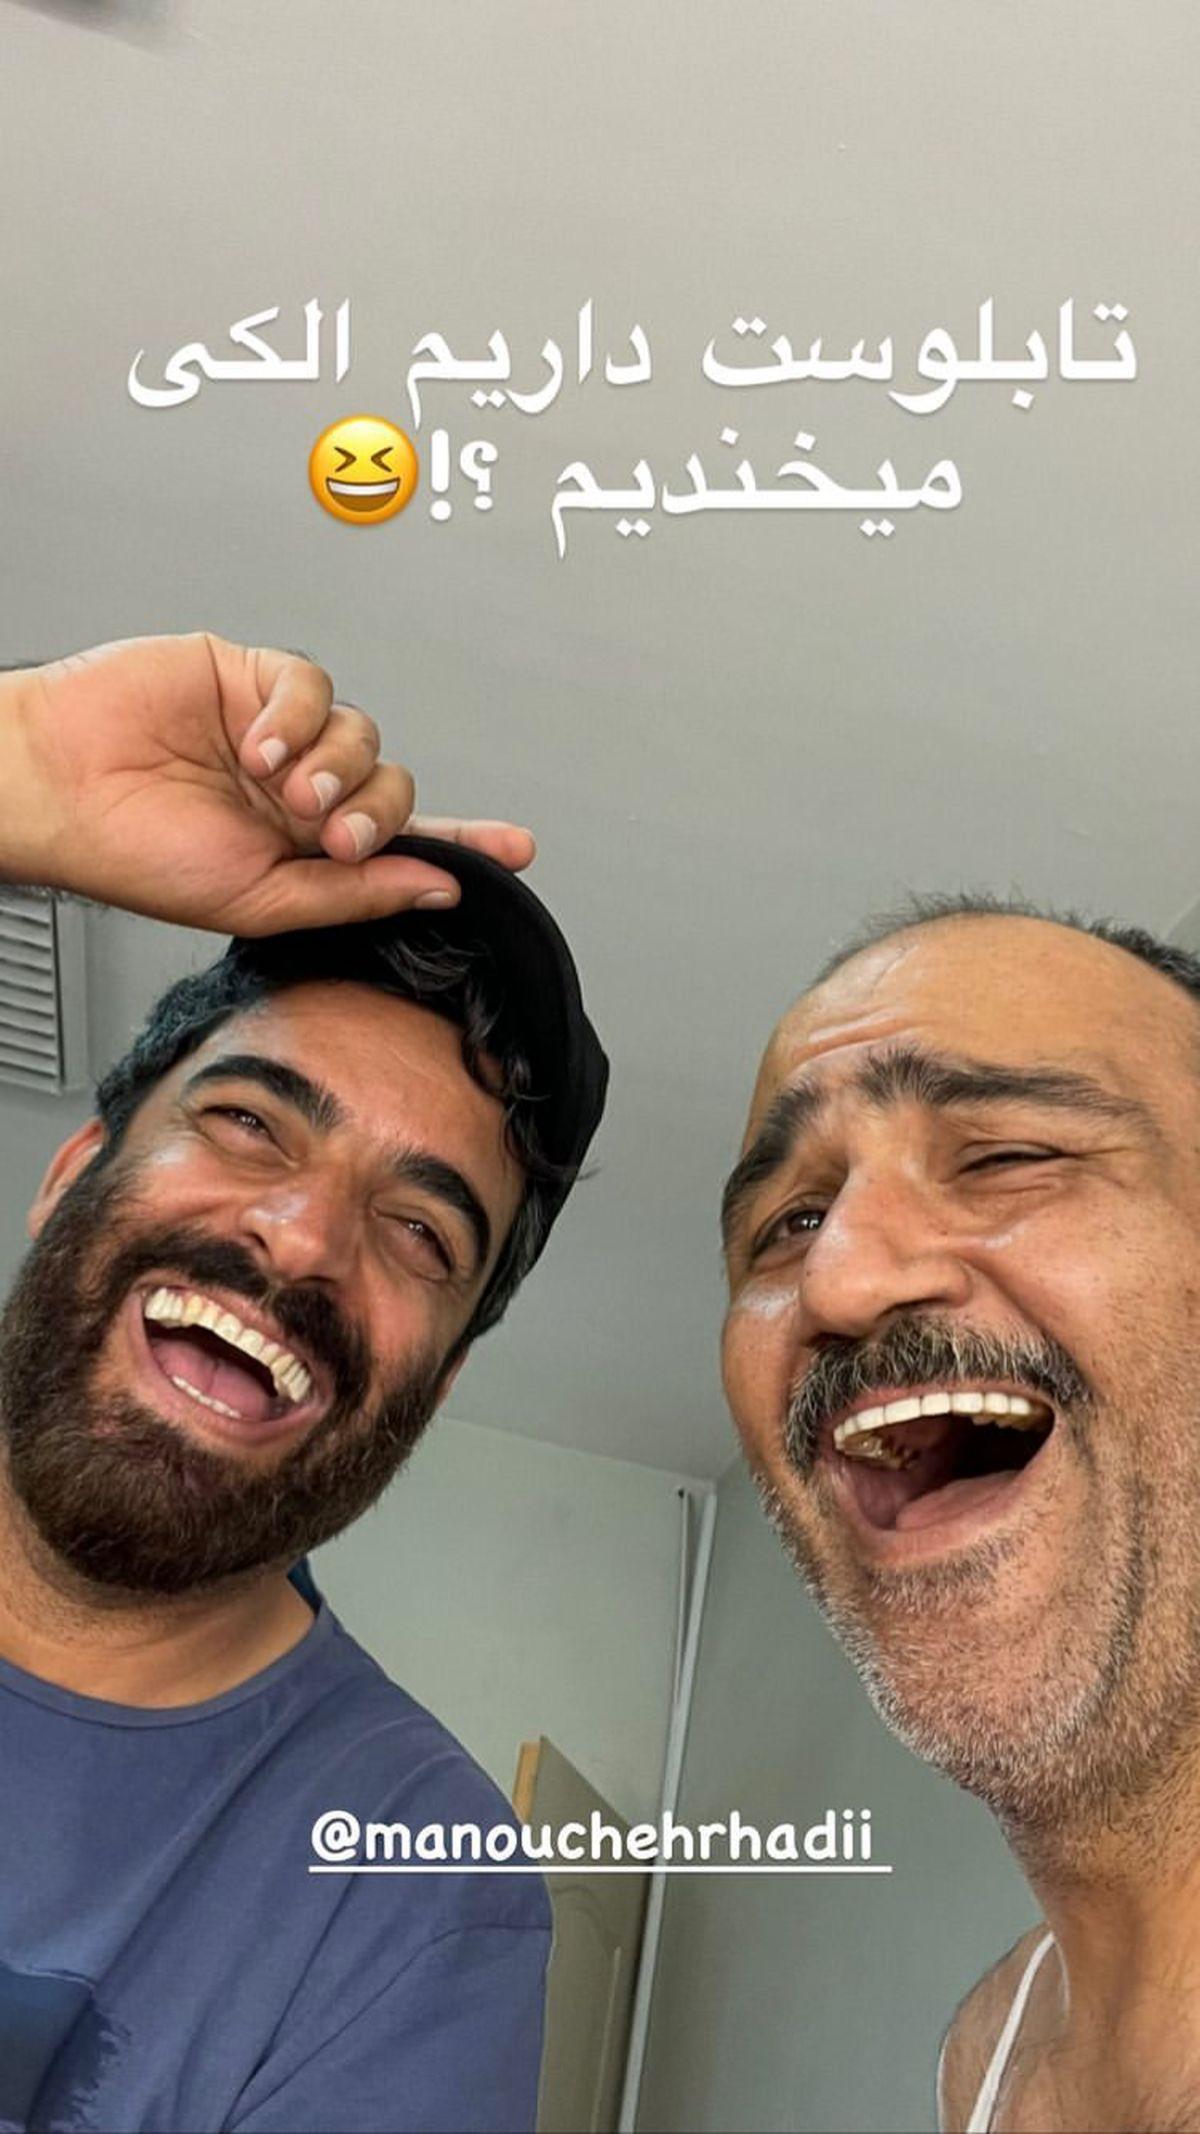 خنده های الکی مهران غفوریان و کارگردان مشهور + عکس